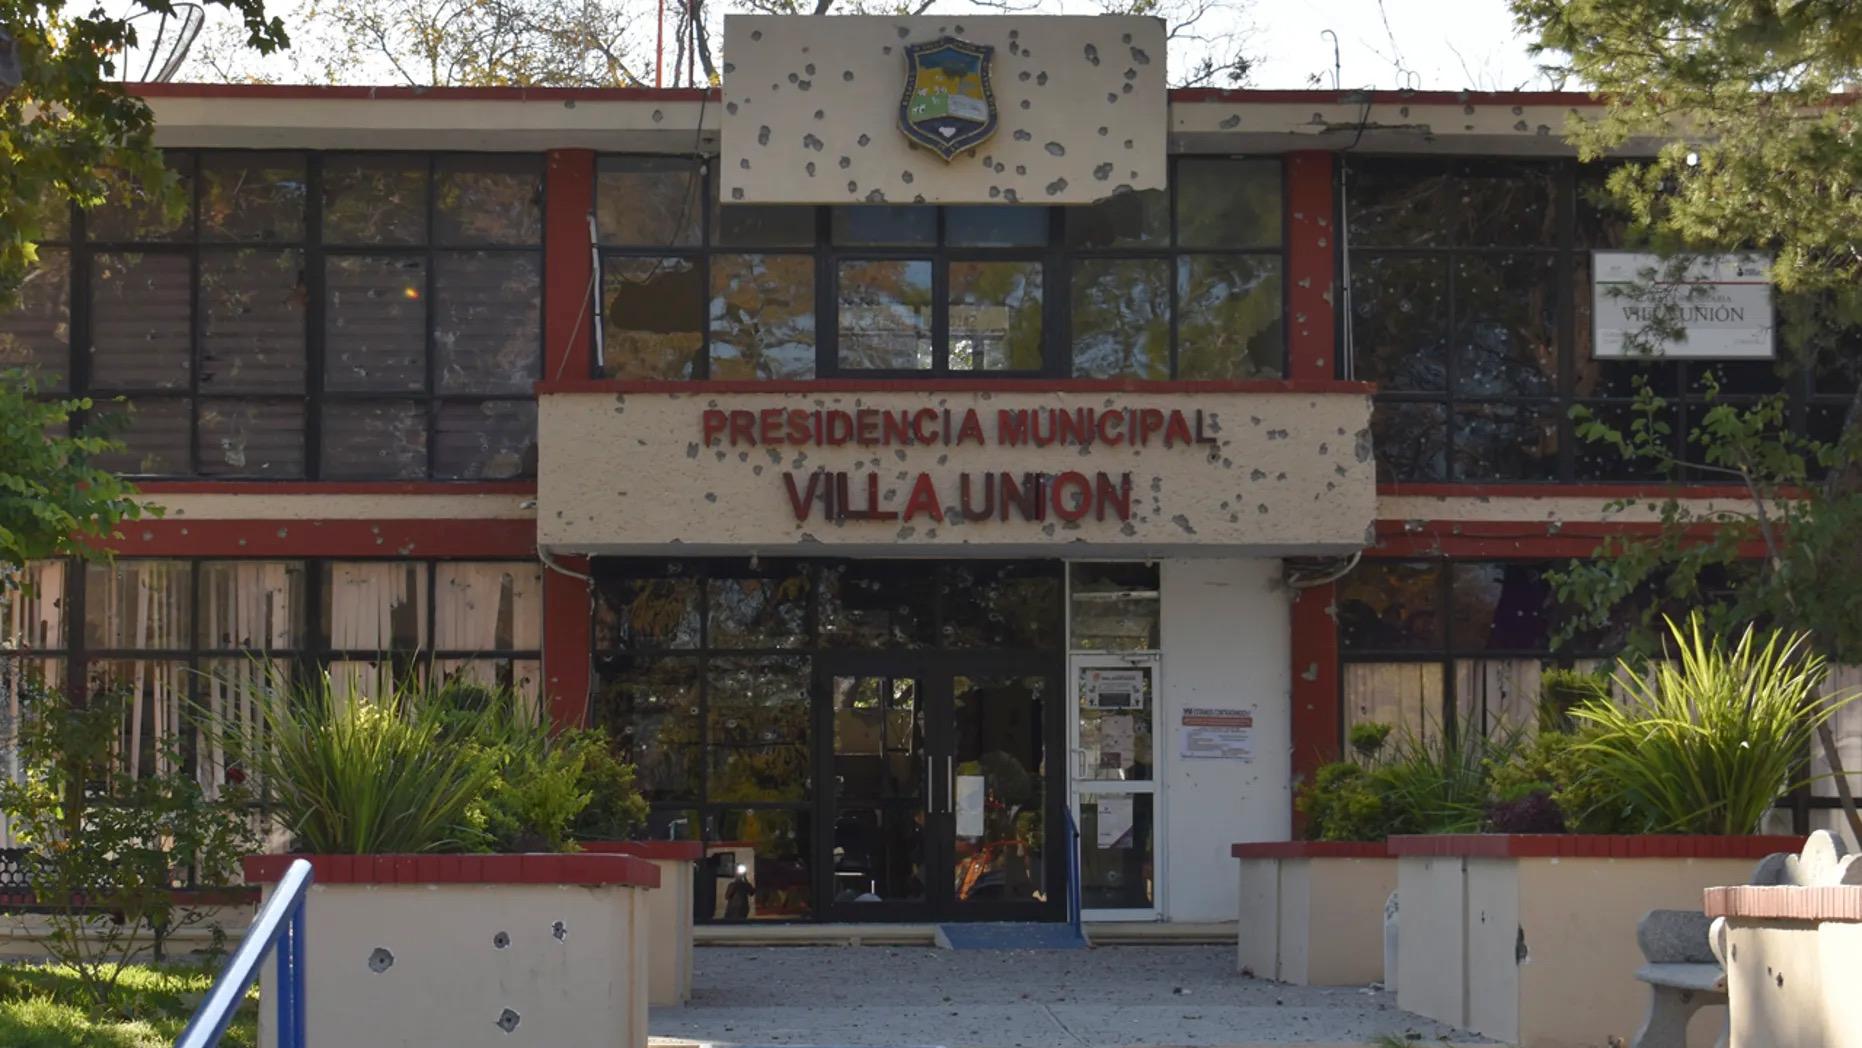 Villa Union drug cartels